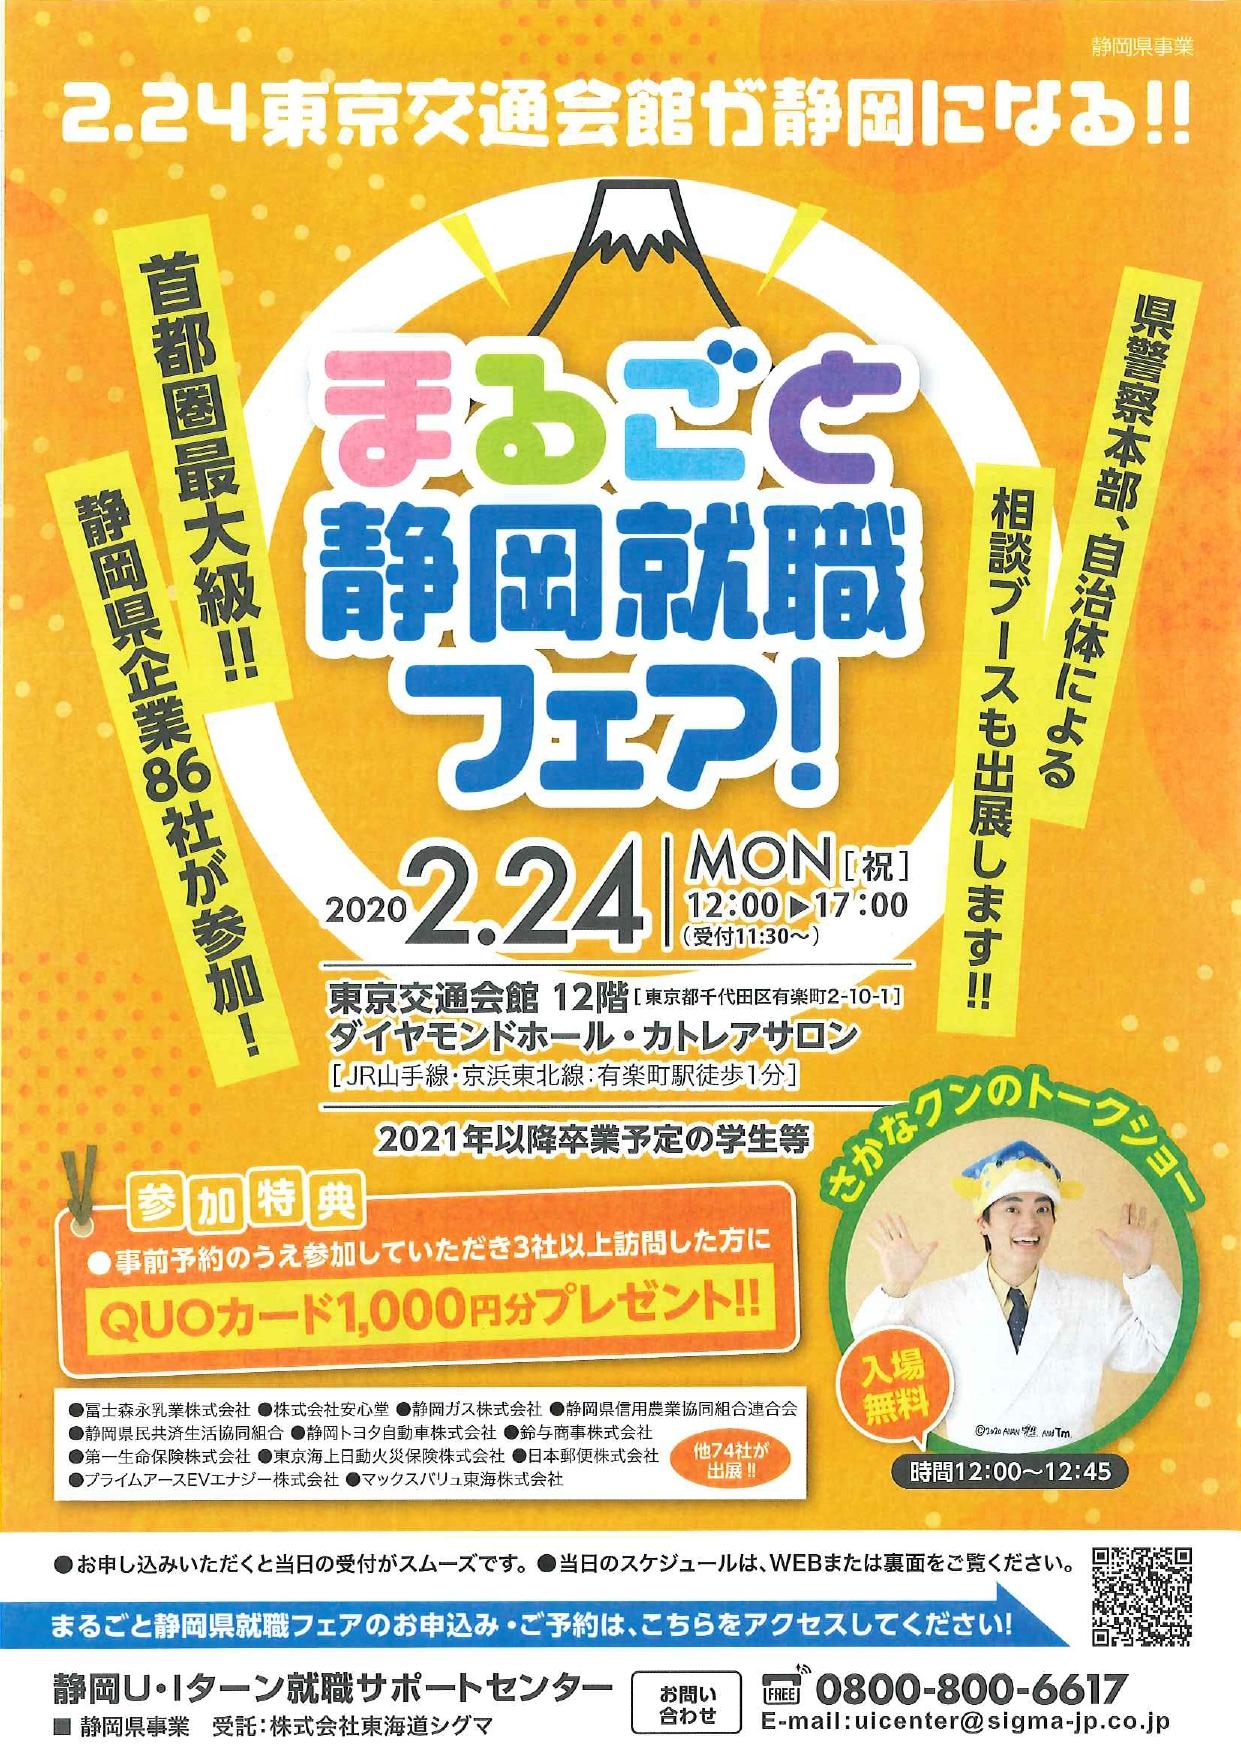 2/24(月・祝)東京交通会館(有楽町)で静岡就職フェアに参加します!